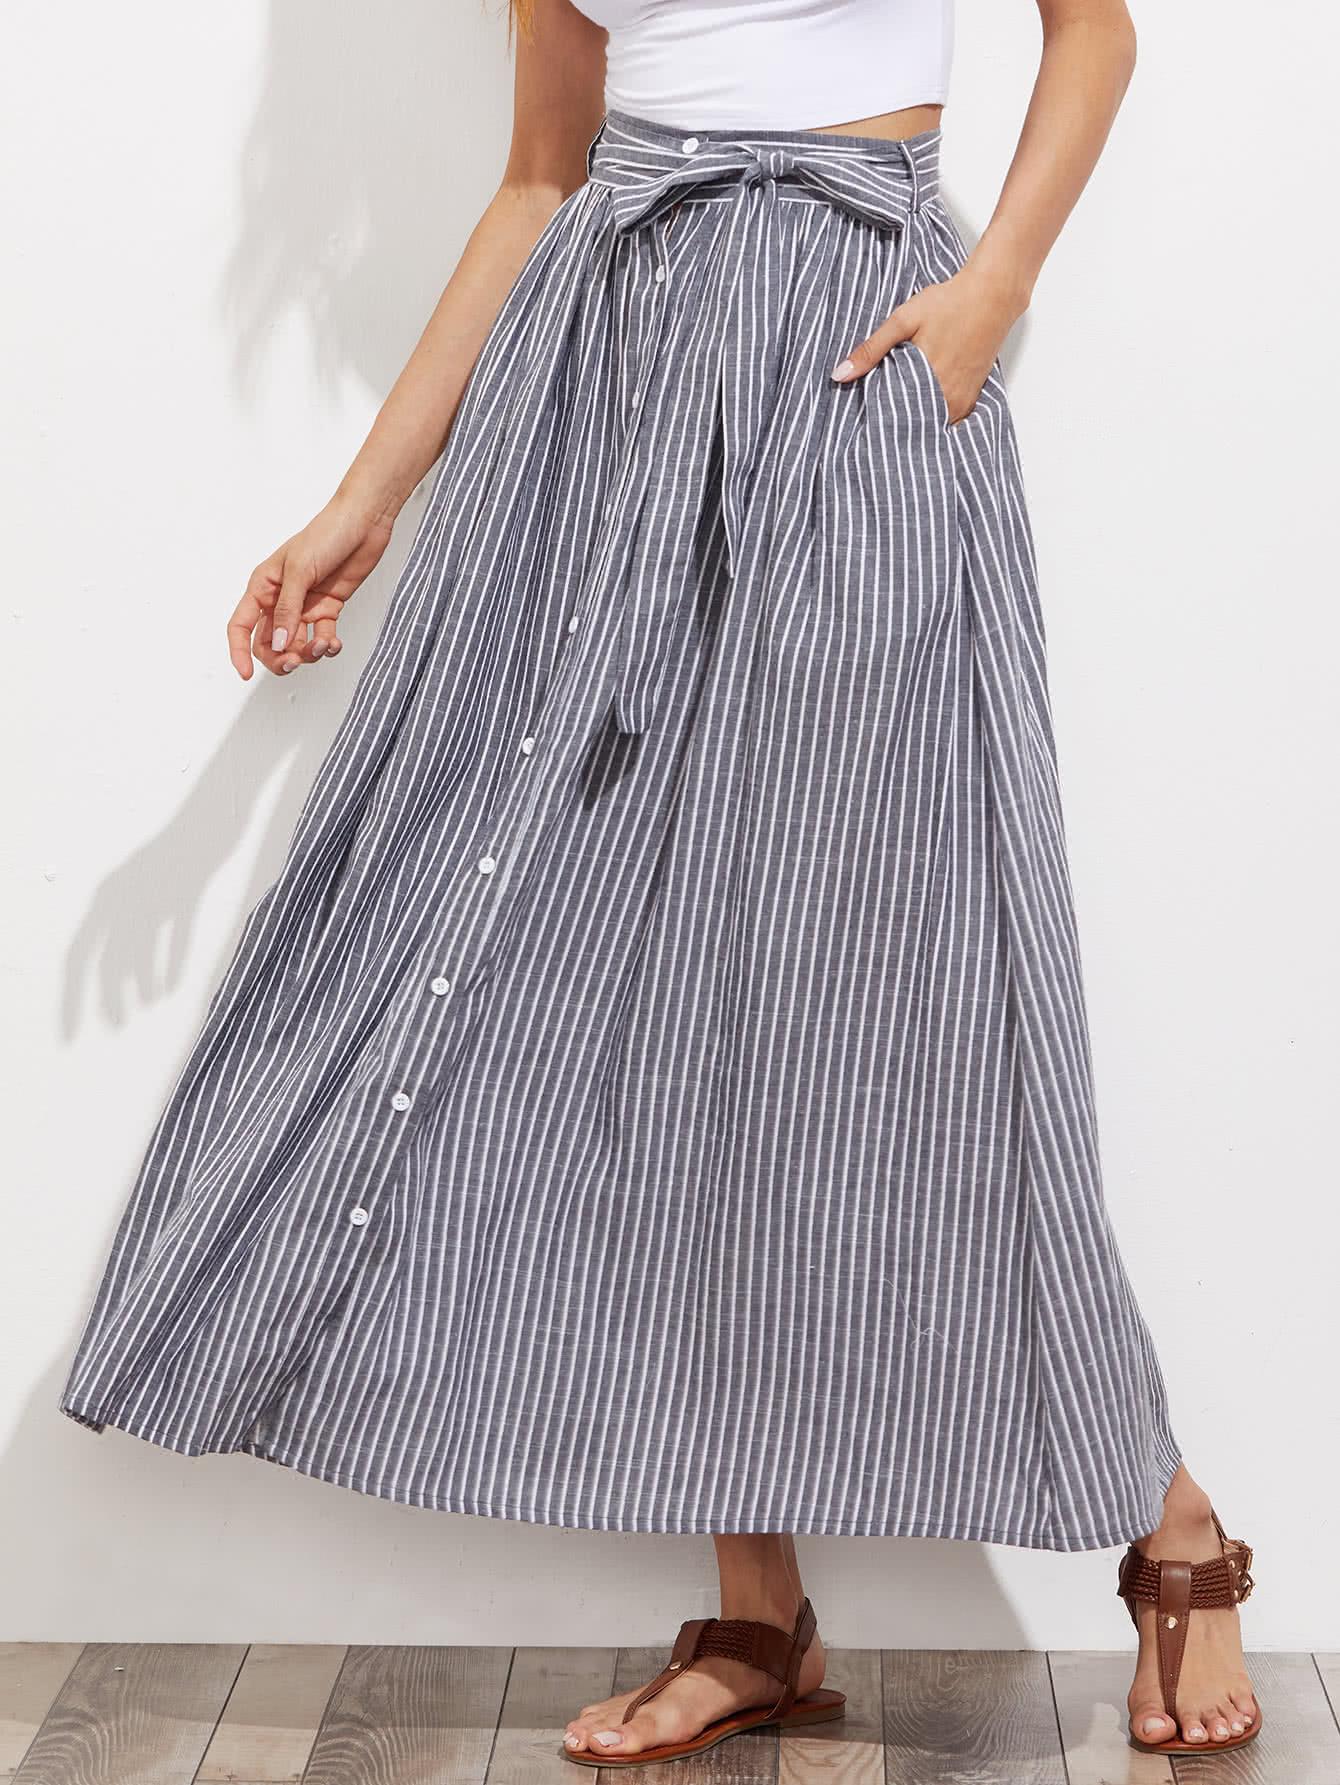 Self Tie Hidden Pocket Detail Button Up Pinstripe Skirt gold button detail bodycon skirt